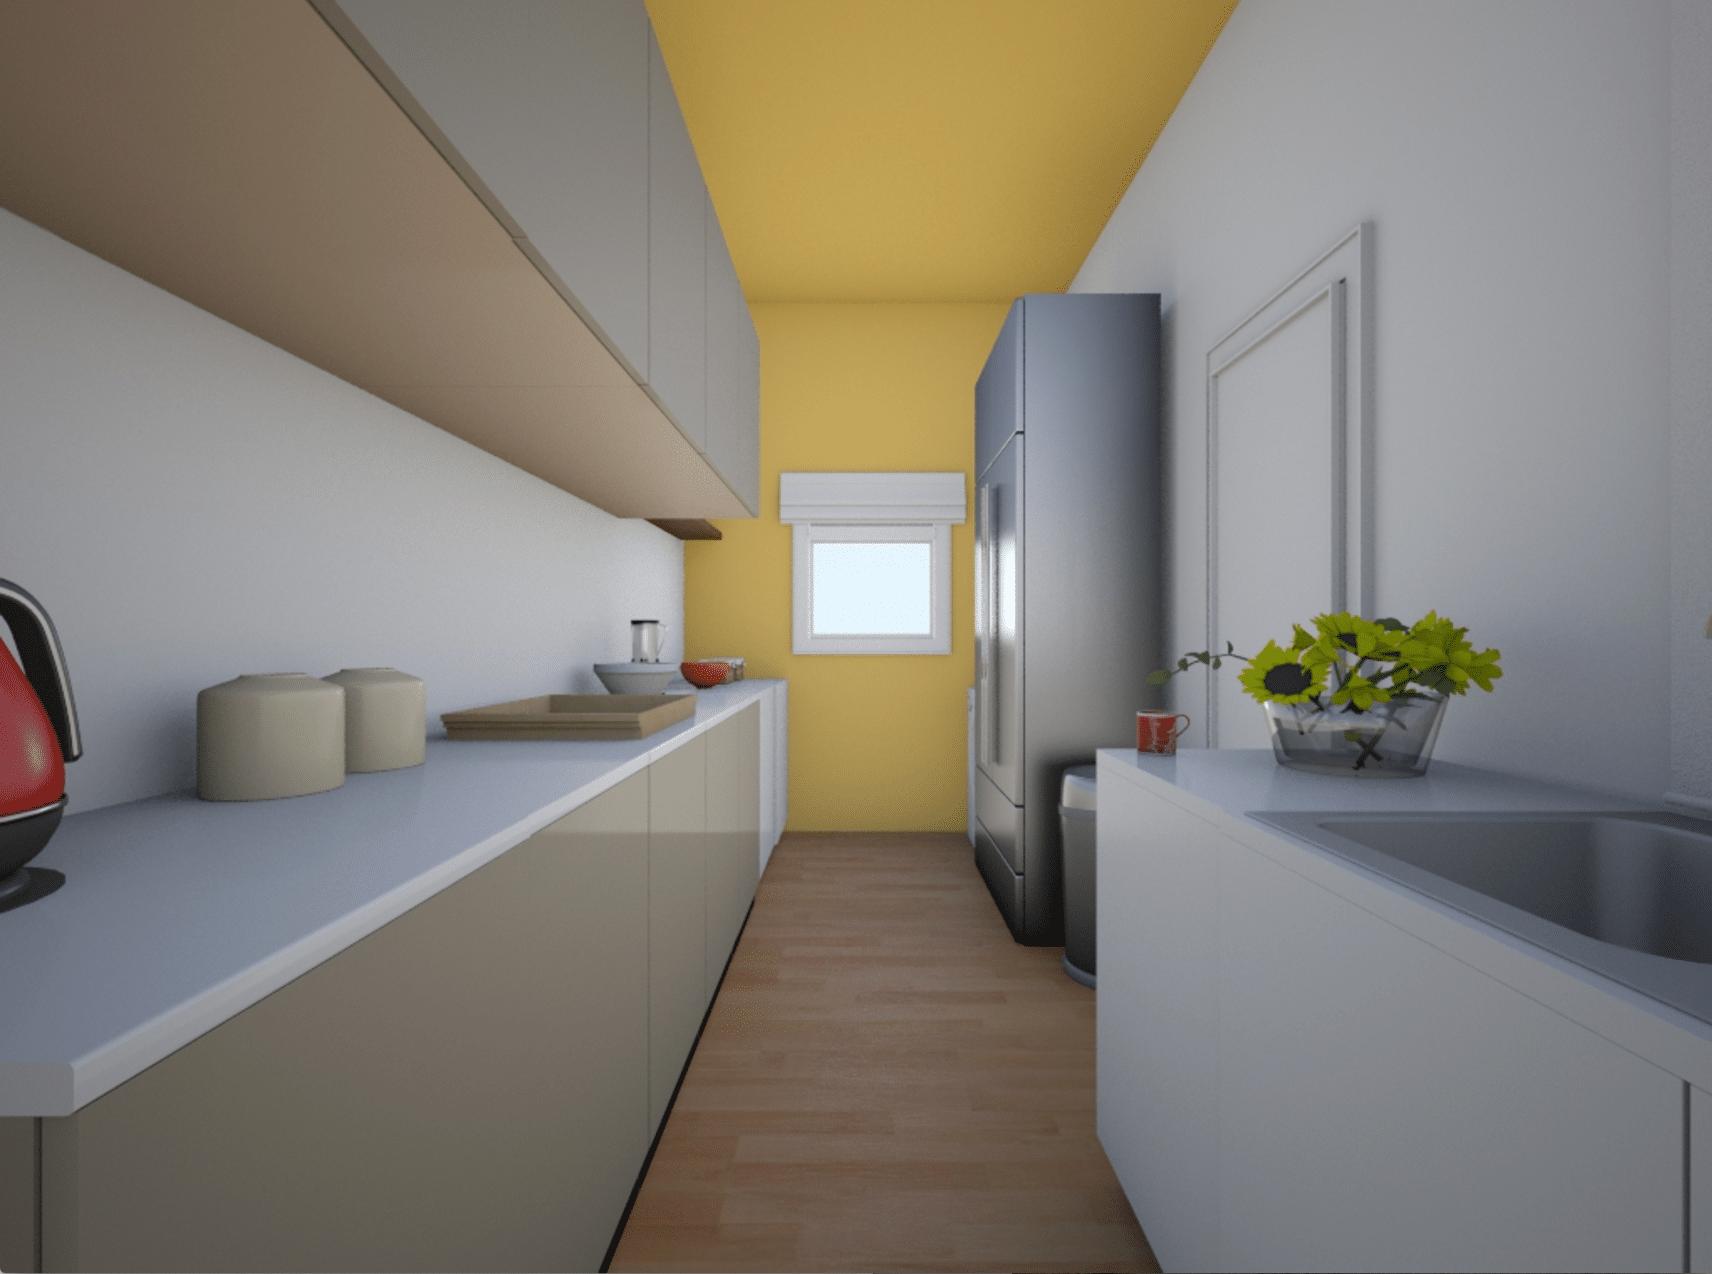 Kitchen - 3D view